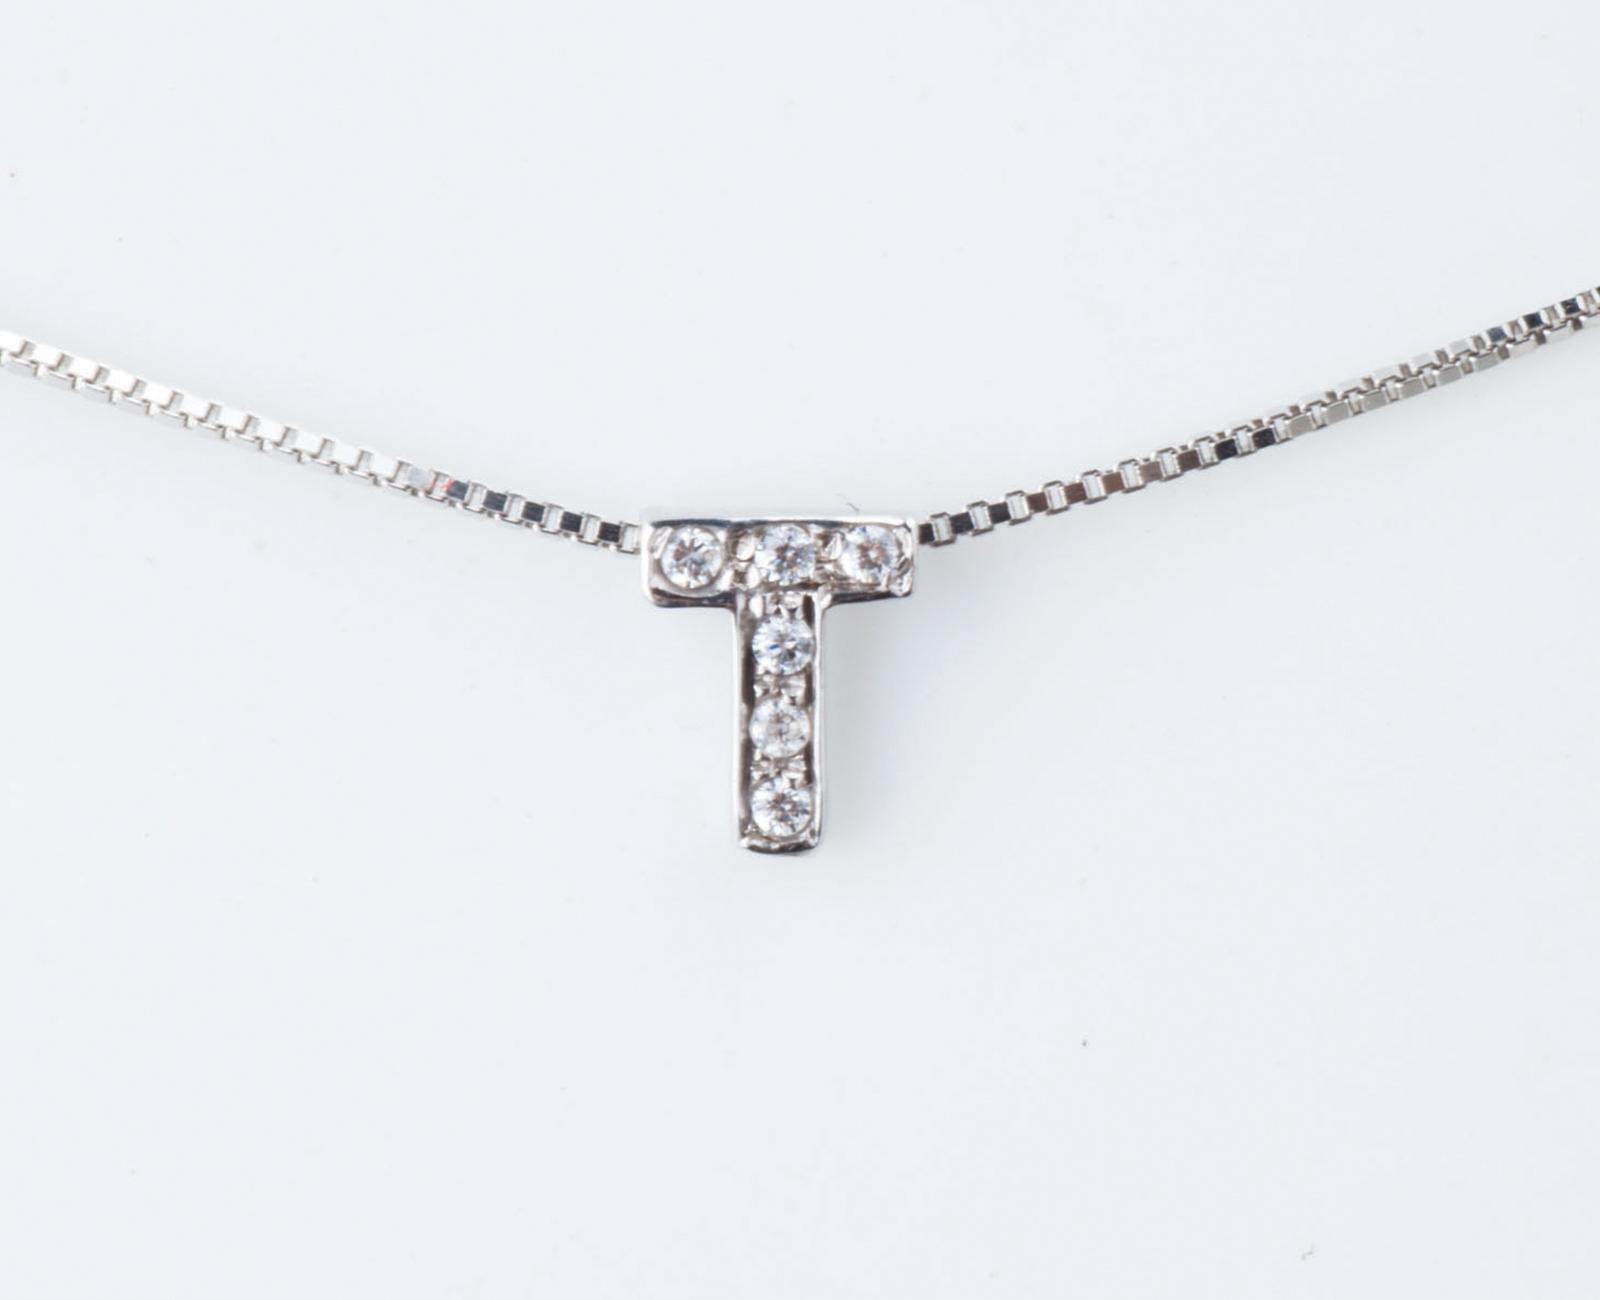 più recente 1d2f5 a6960 Collier Collana Donna Iniziale Lettera T Nome Oro 18KT Tit.750‰ Diamanti  GG0072BG